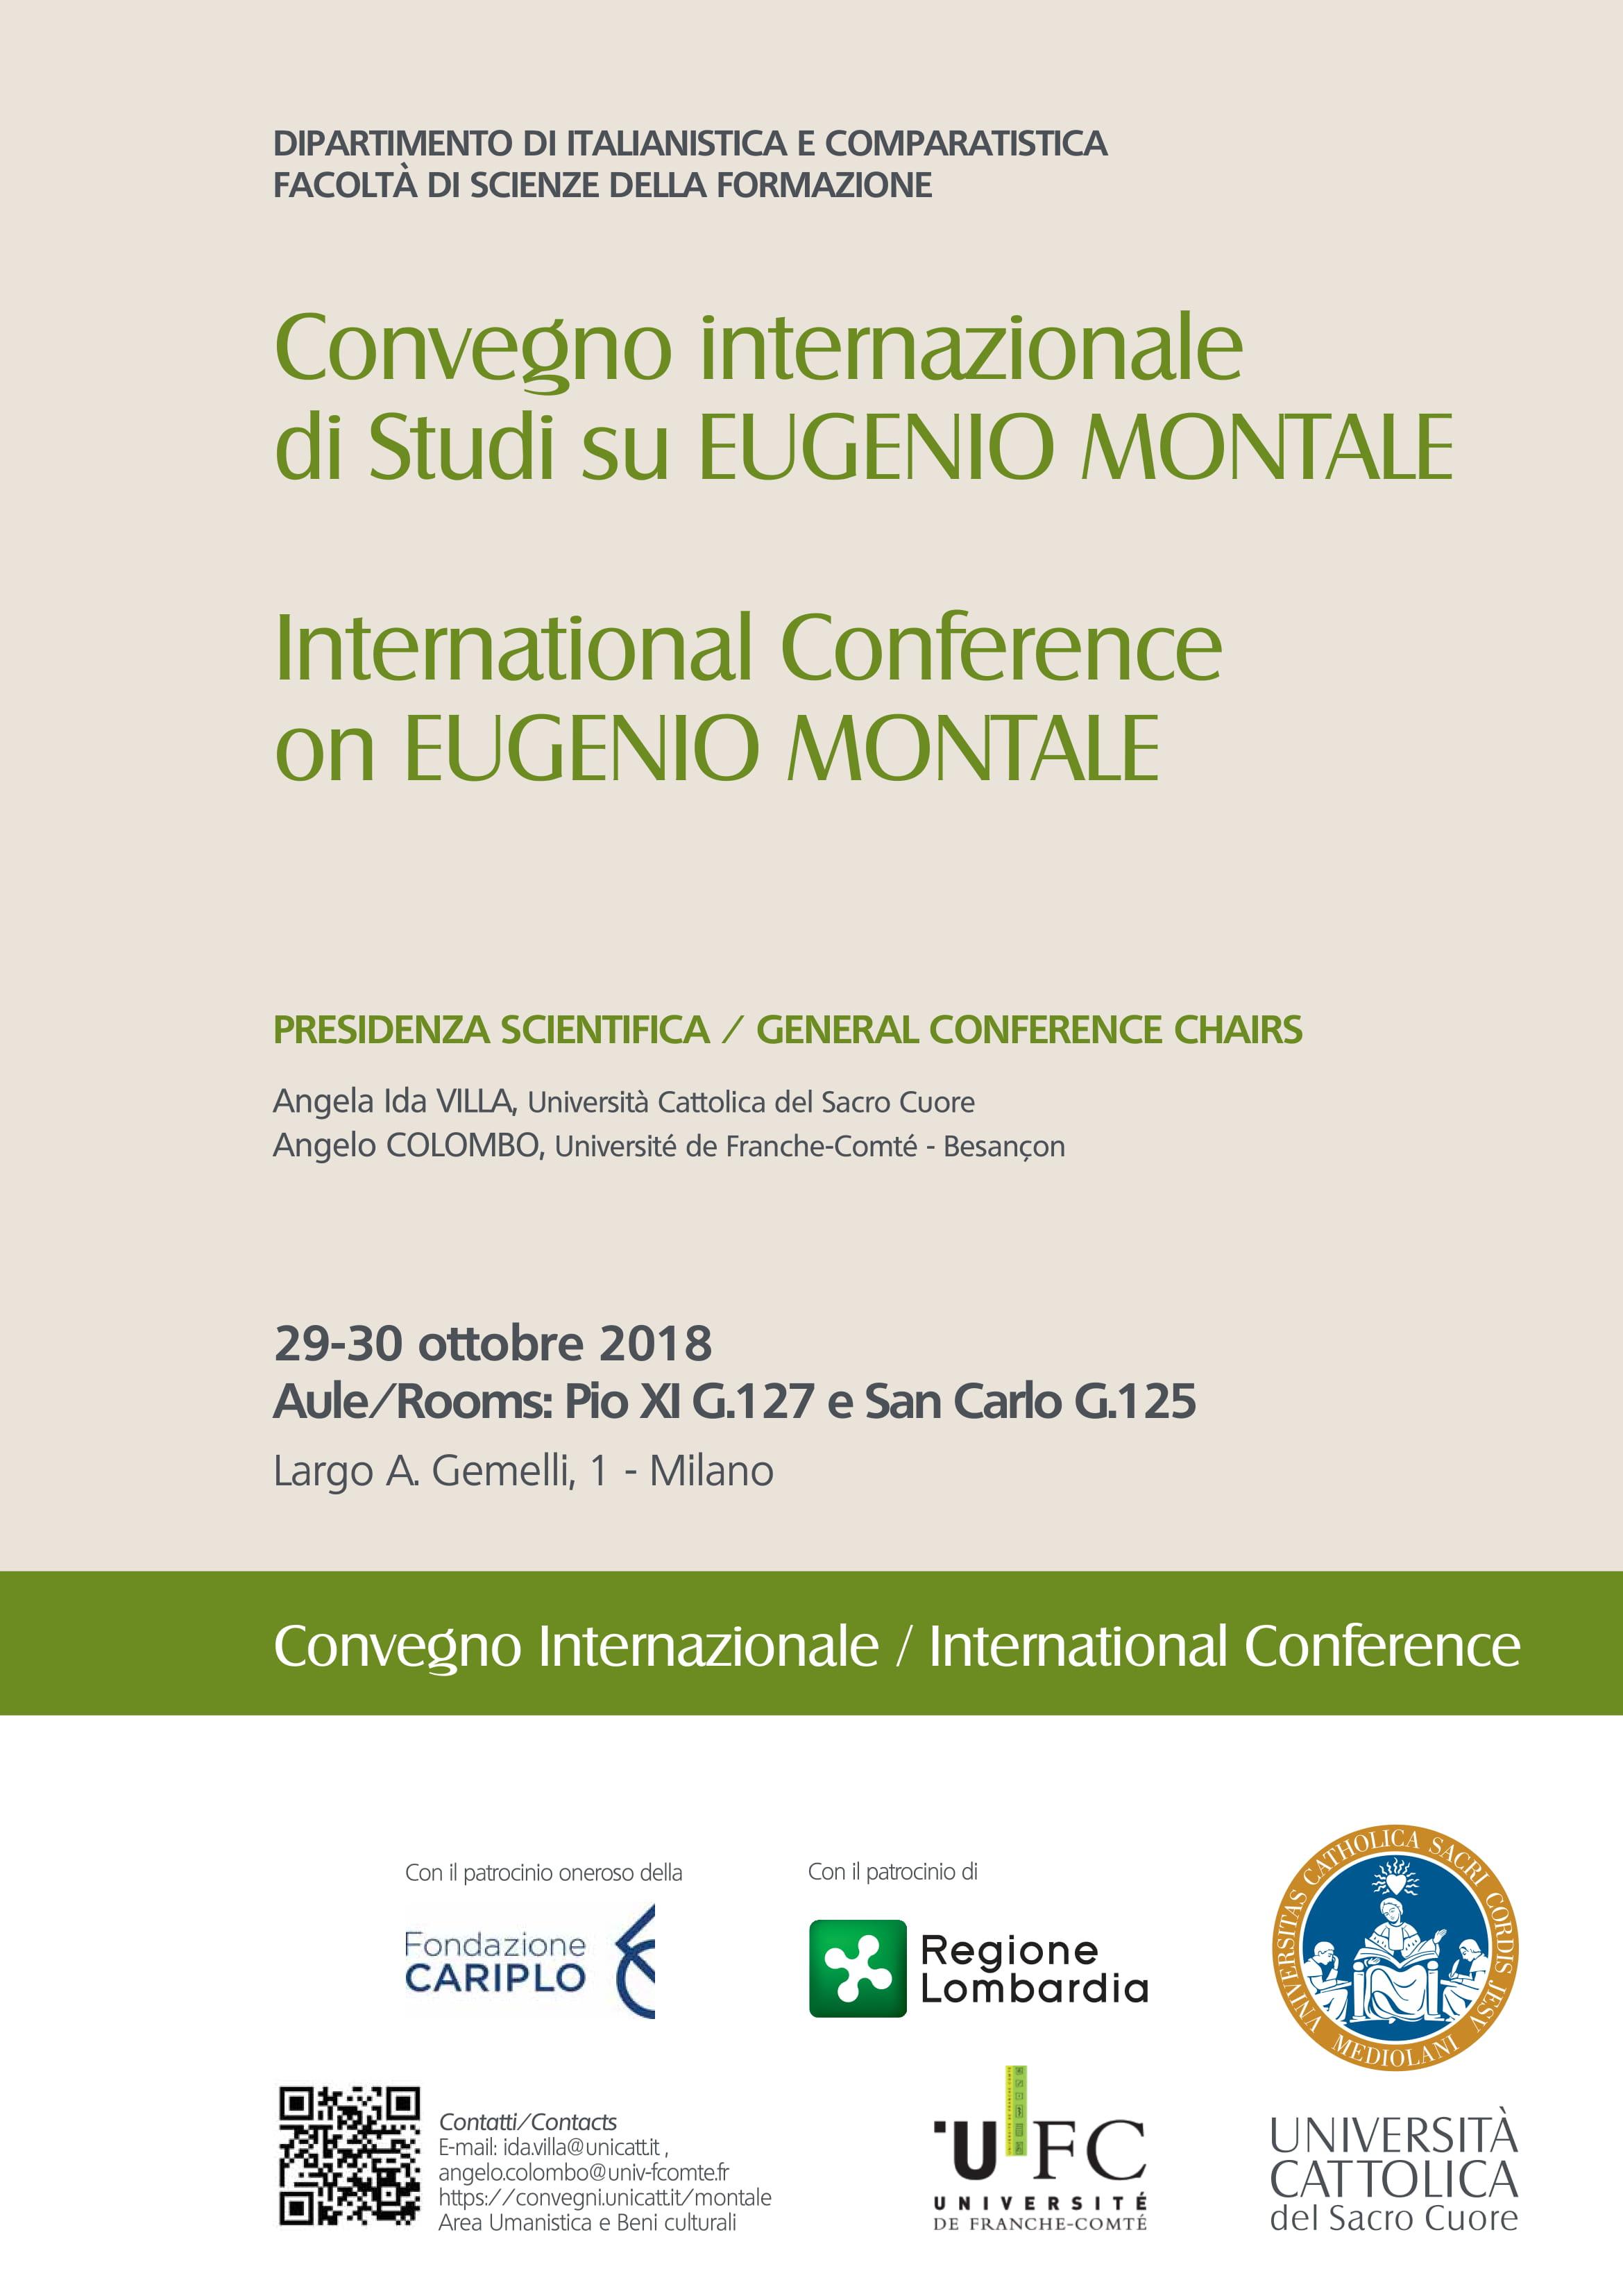 EUGENIO MONTALE Convegno internazionale 2018-1